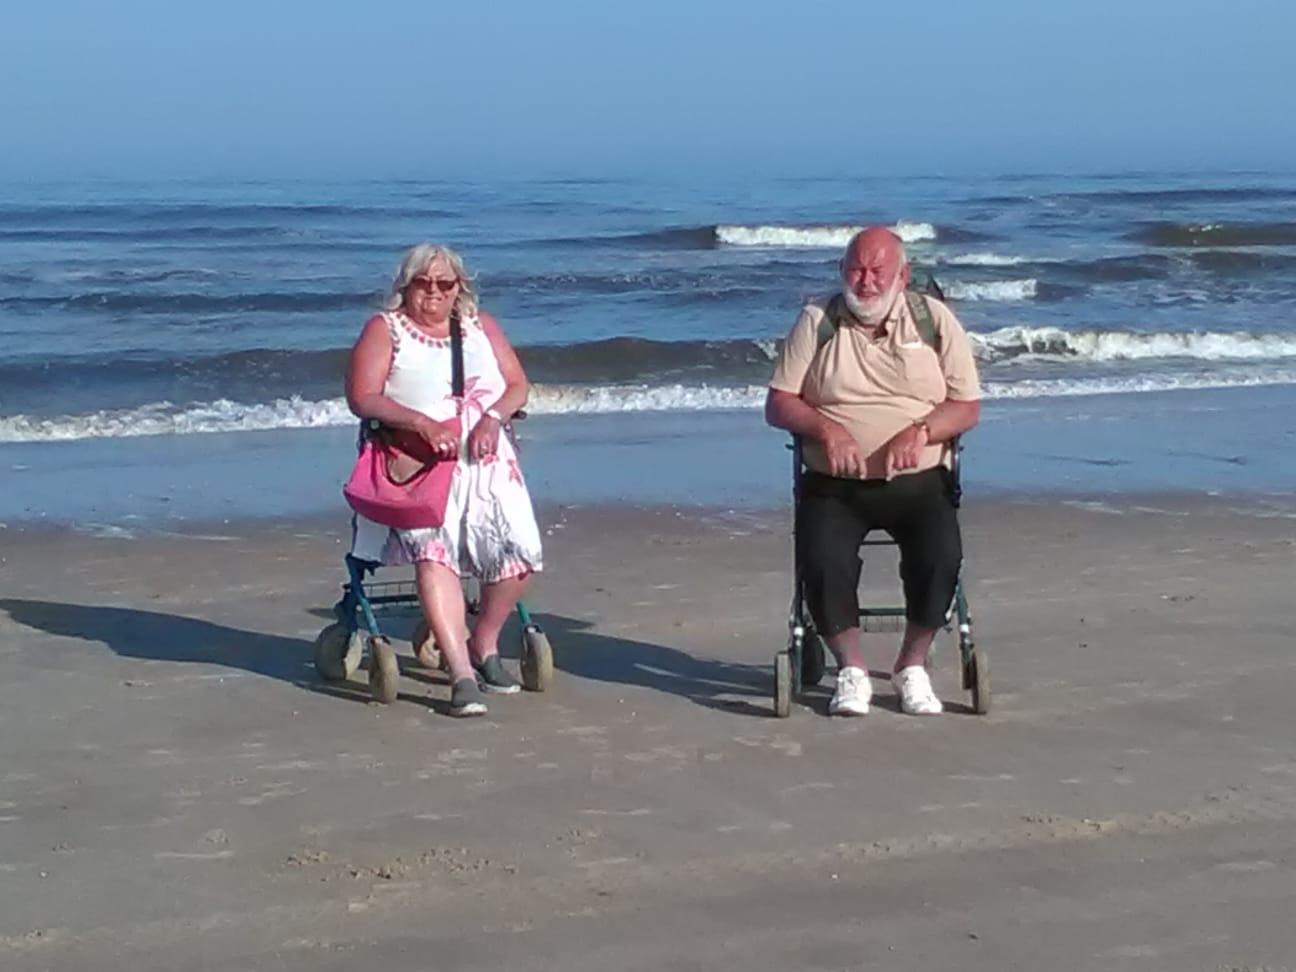 Is het niet geweldig onze Egmond Bastards van het strand. Alette en Jack. Hij is nu 66 jaar op het Noorderstrand. Dit is zeker de moeite waard om even onder de aandacht te brengen. (Foto: Joerg Schuermann).